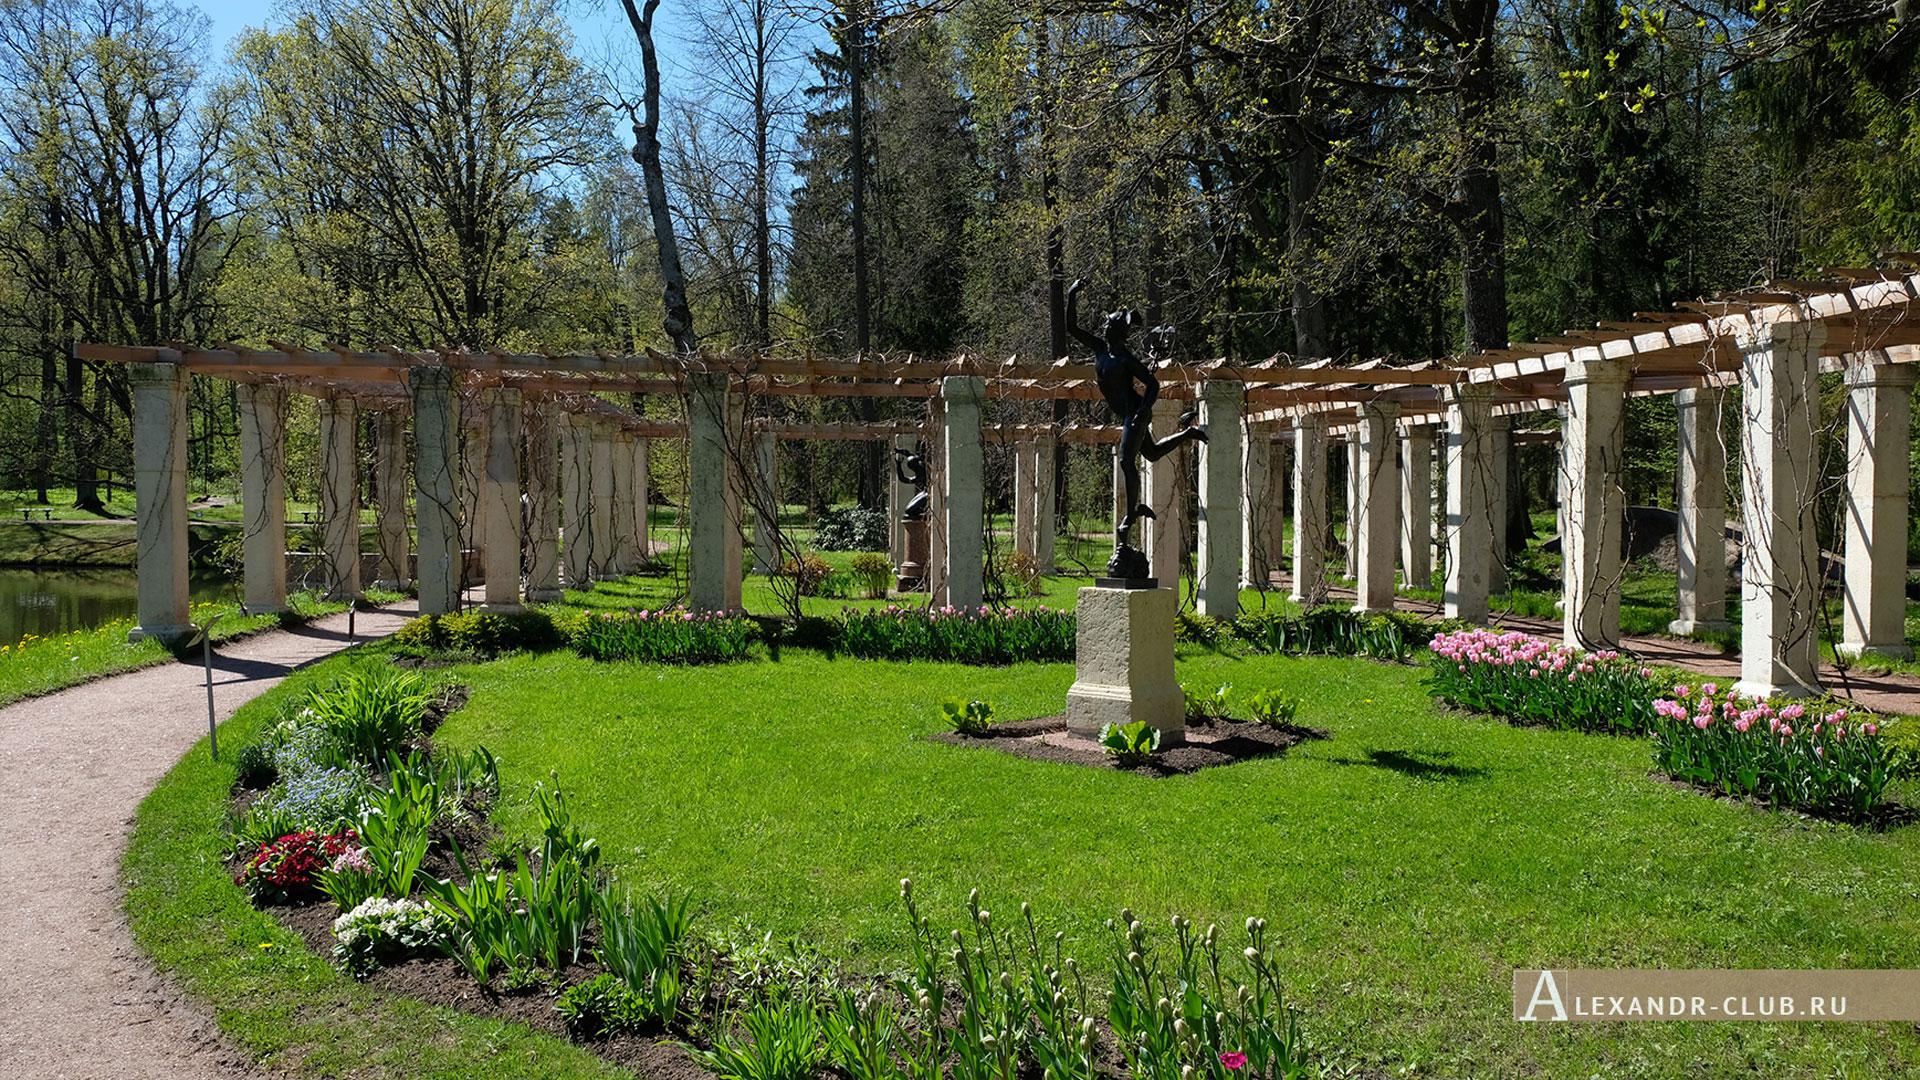 Ораниенбаум, весна, пергола